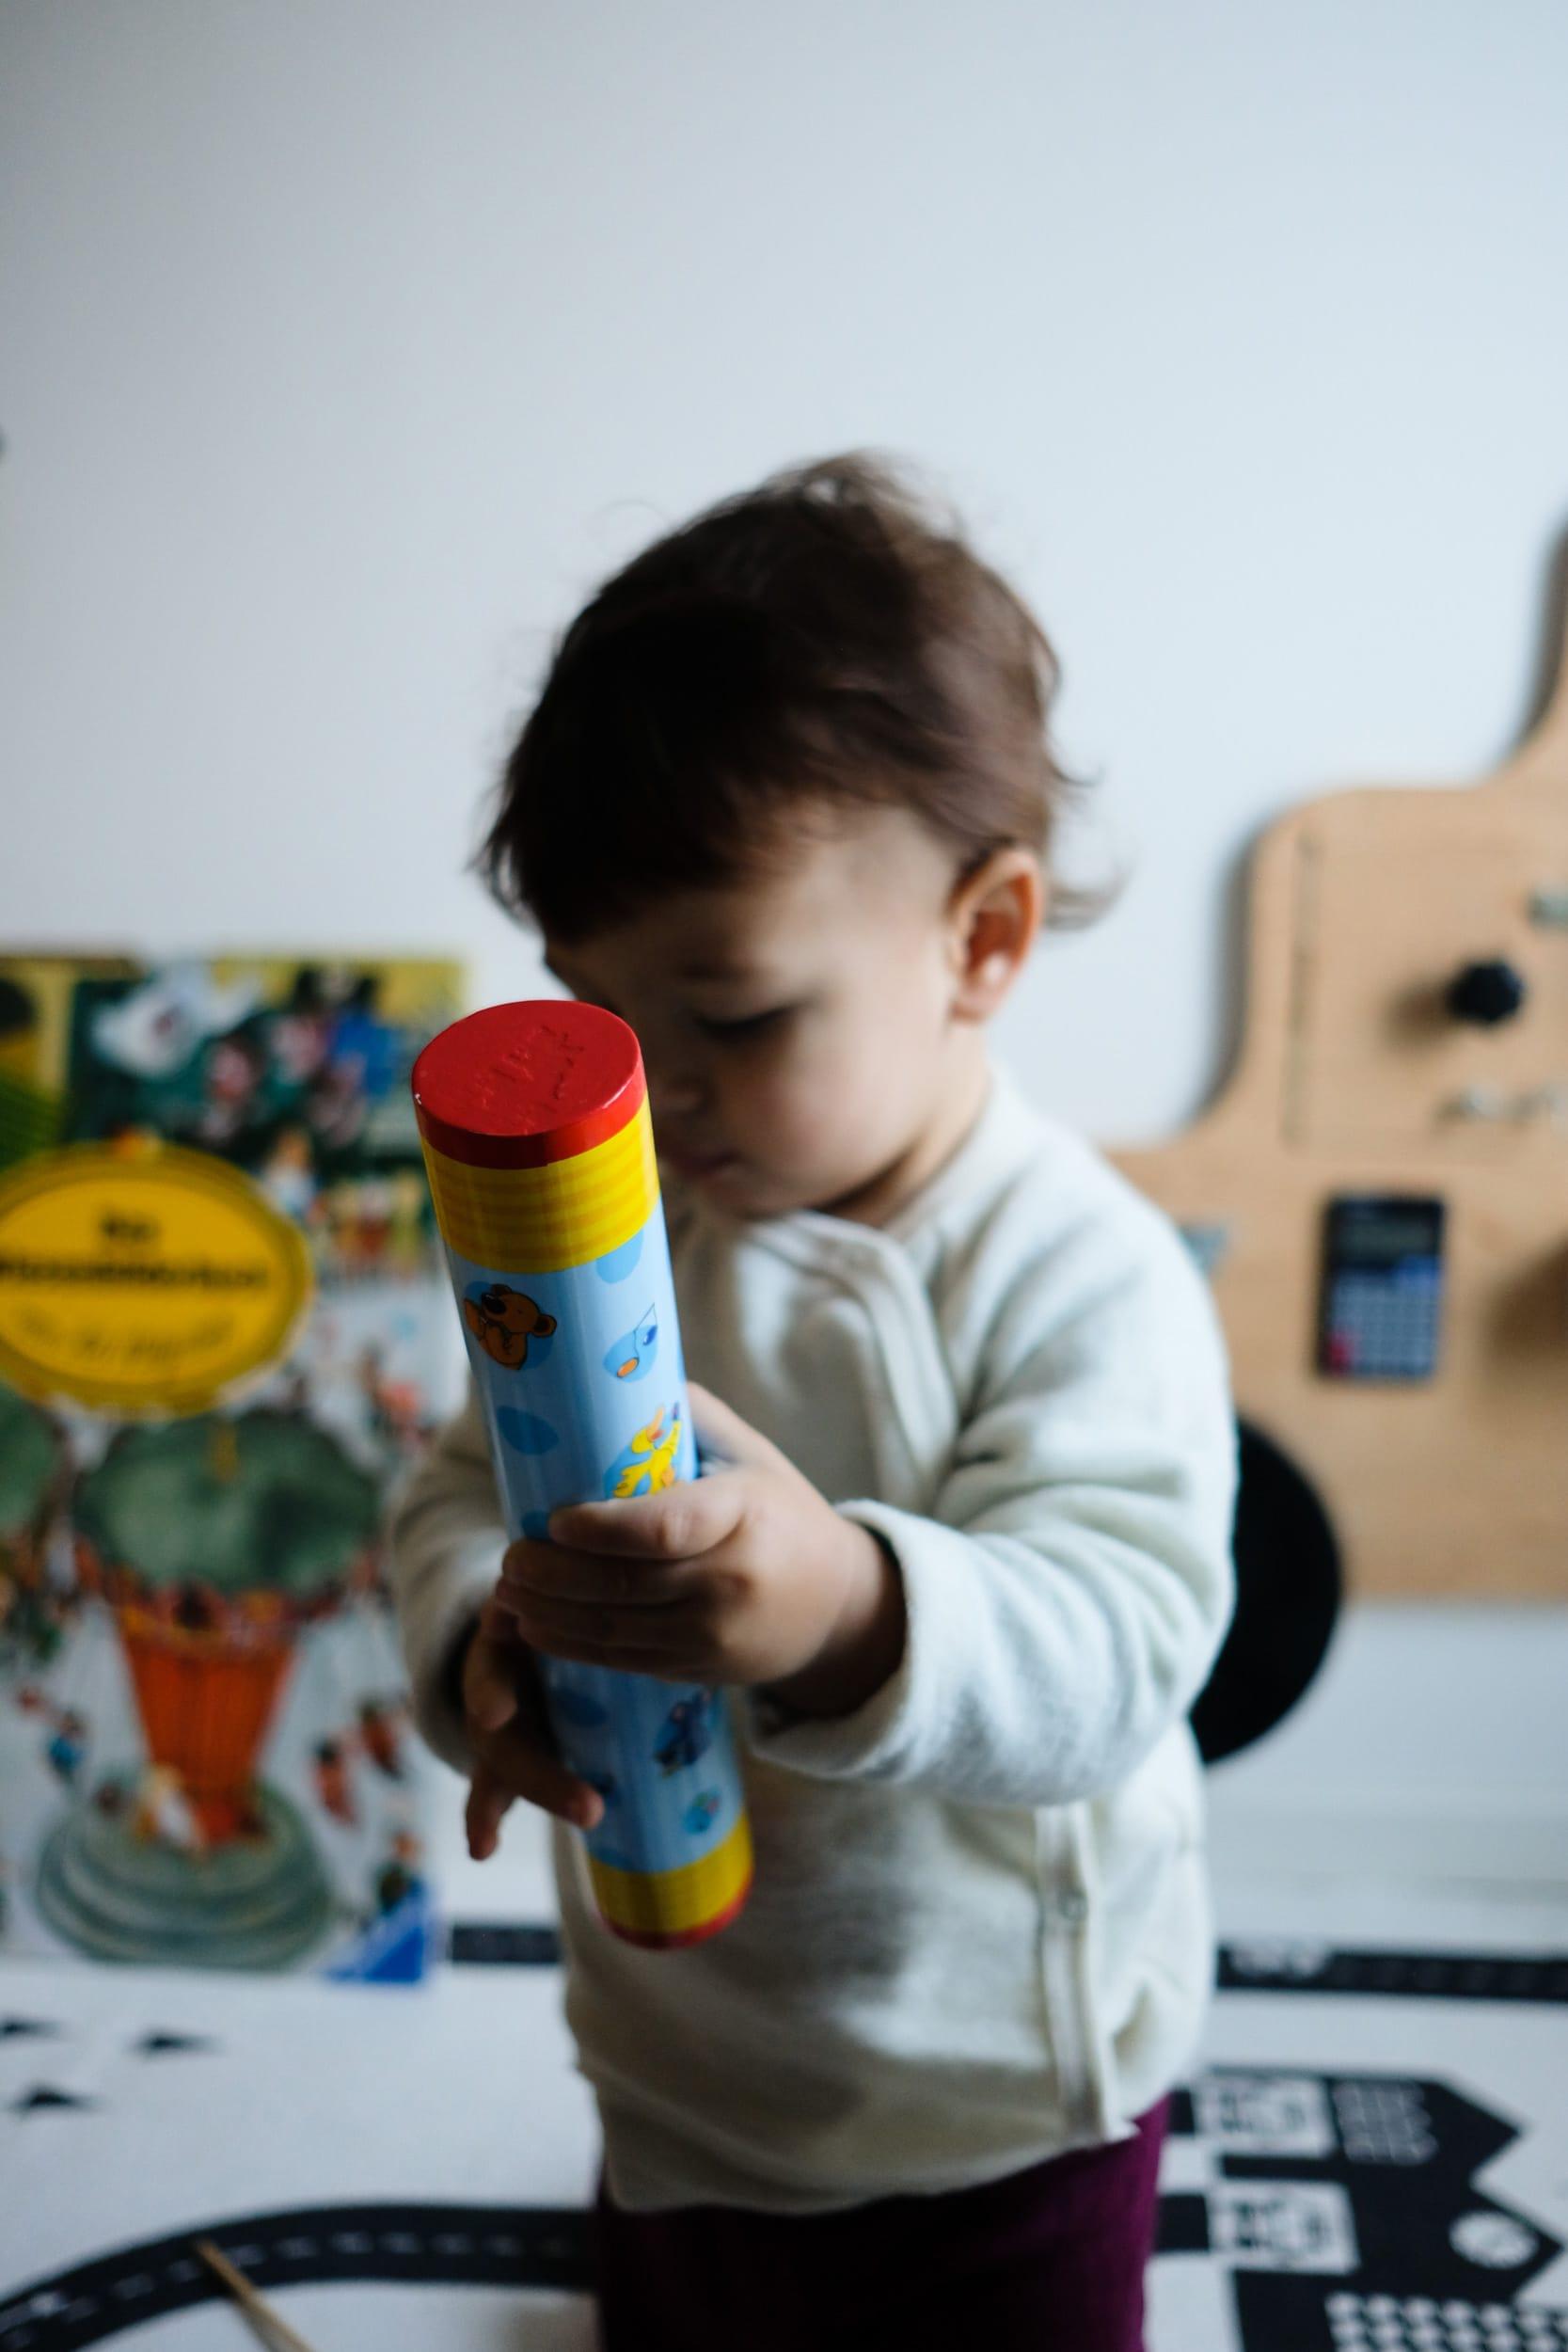 Musikinstrumente für Kleinkinder | Zuhause musizieren mit Kleinkindern und Babys | Regenmacher | ivy.li